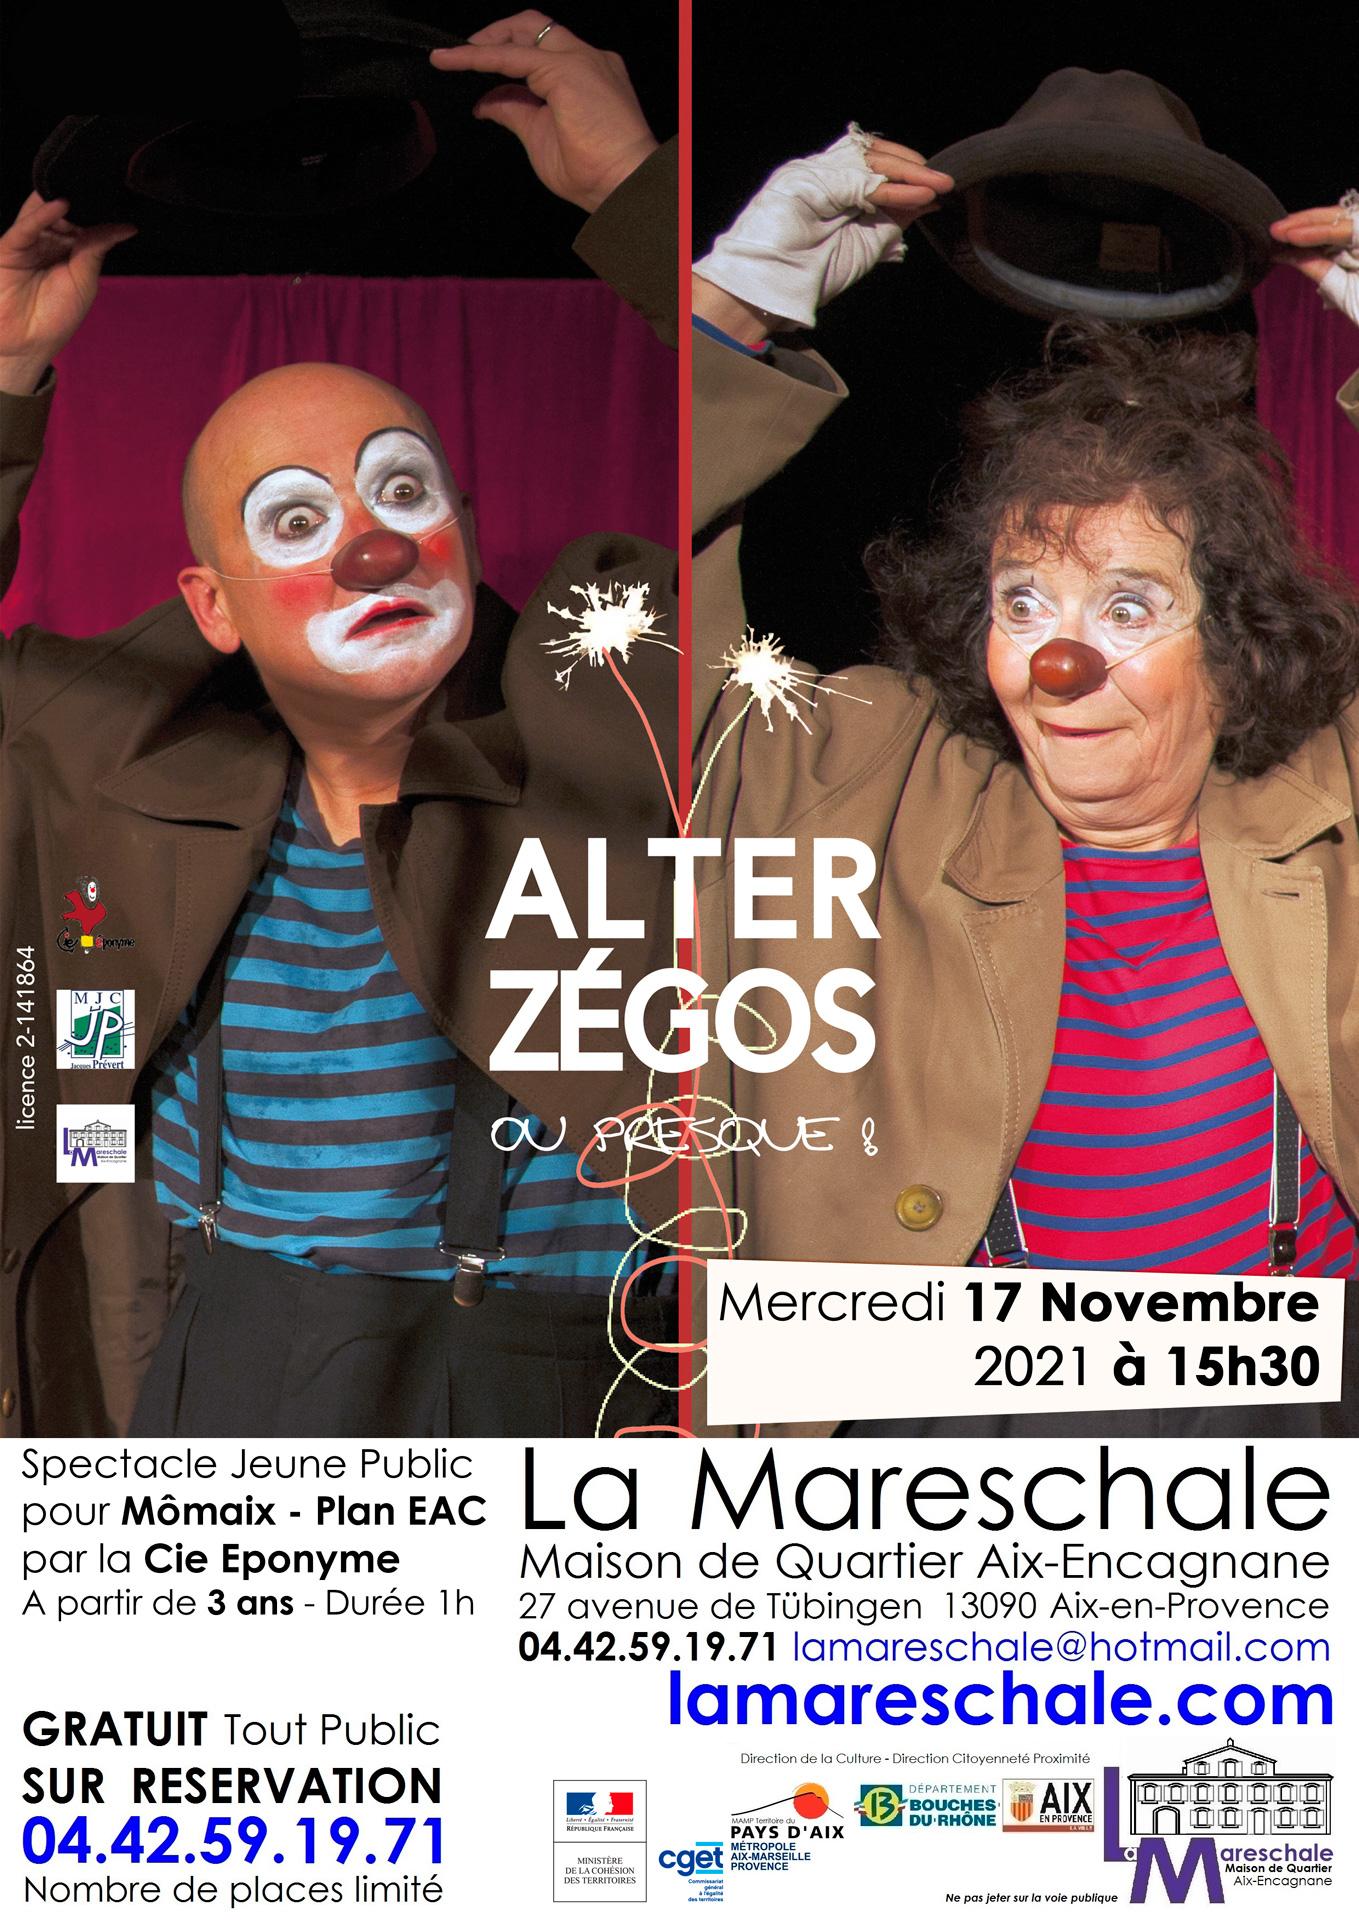 Momaix-AlterZegos-17novembre2021